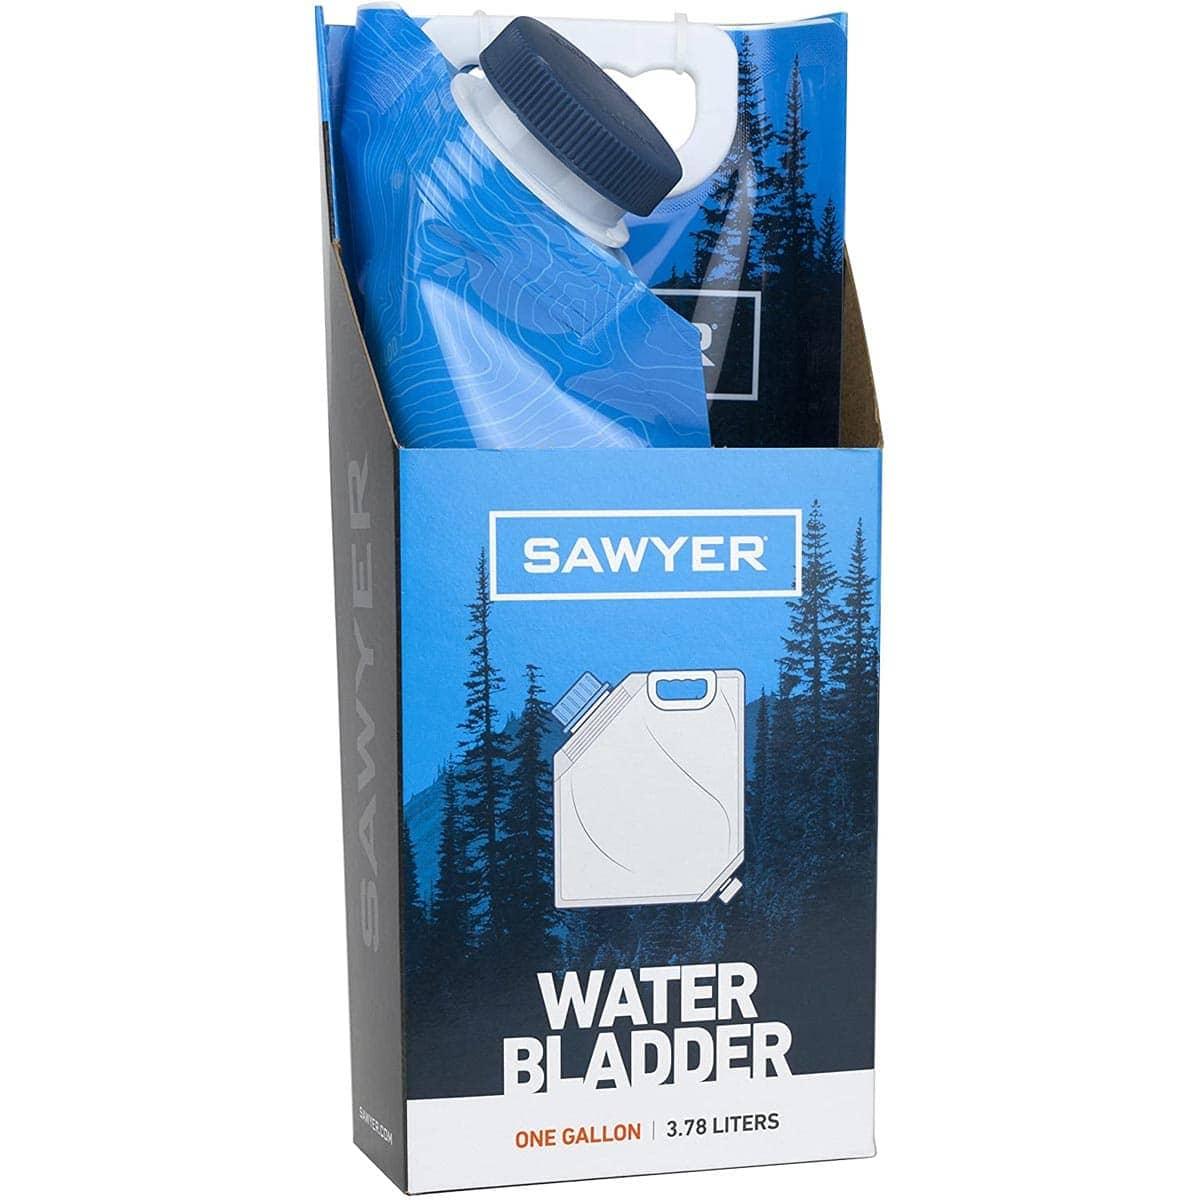 Sawyer One Gallon Water Bladder (3.78L) SP108